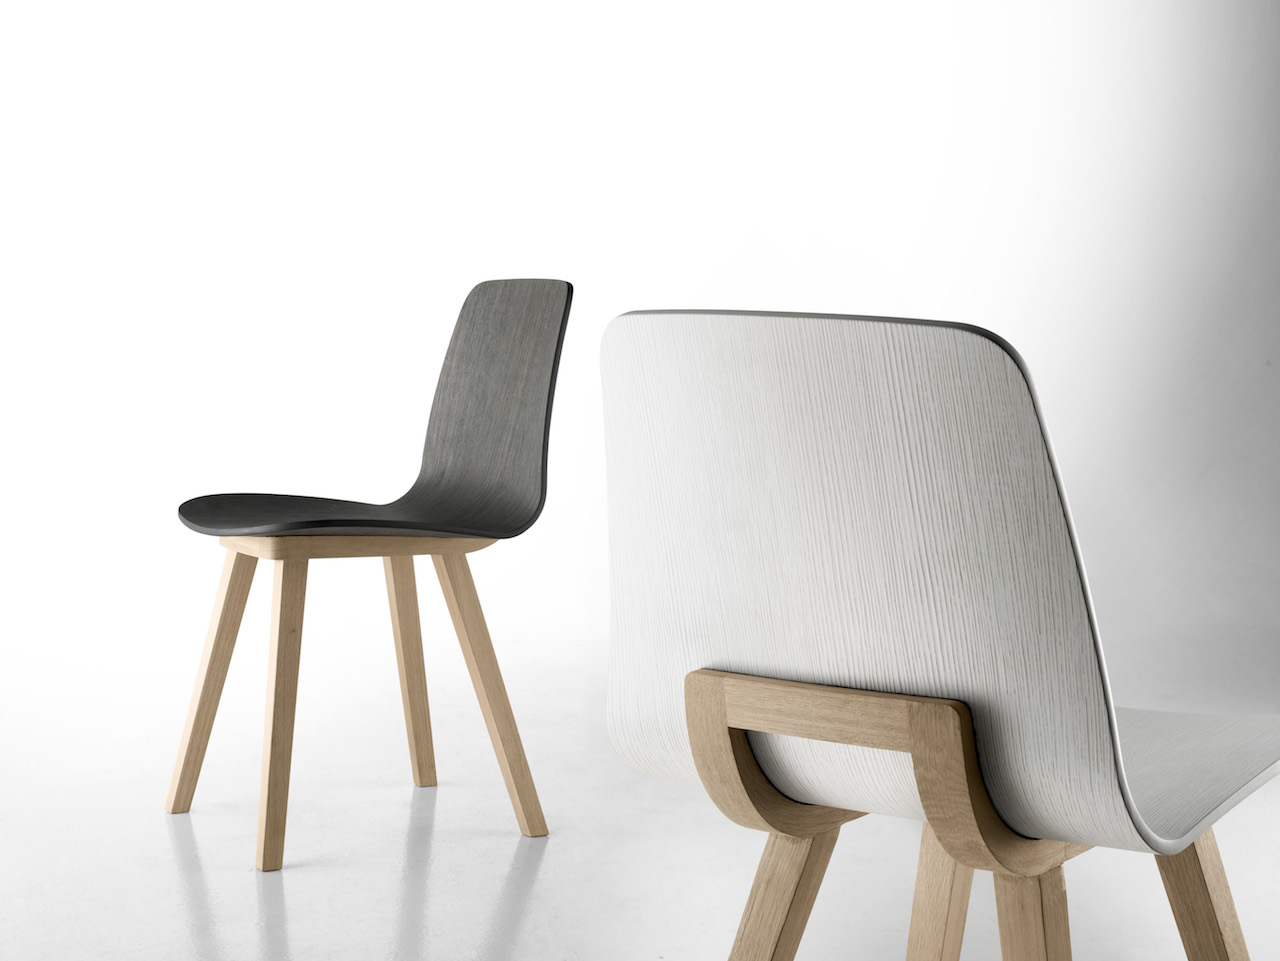 Kuskoa la sedia perfetta con la seduta biodegradabile for La sedia nel design